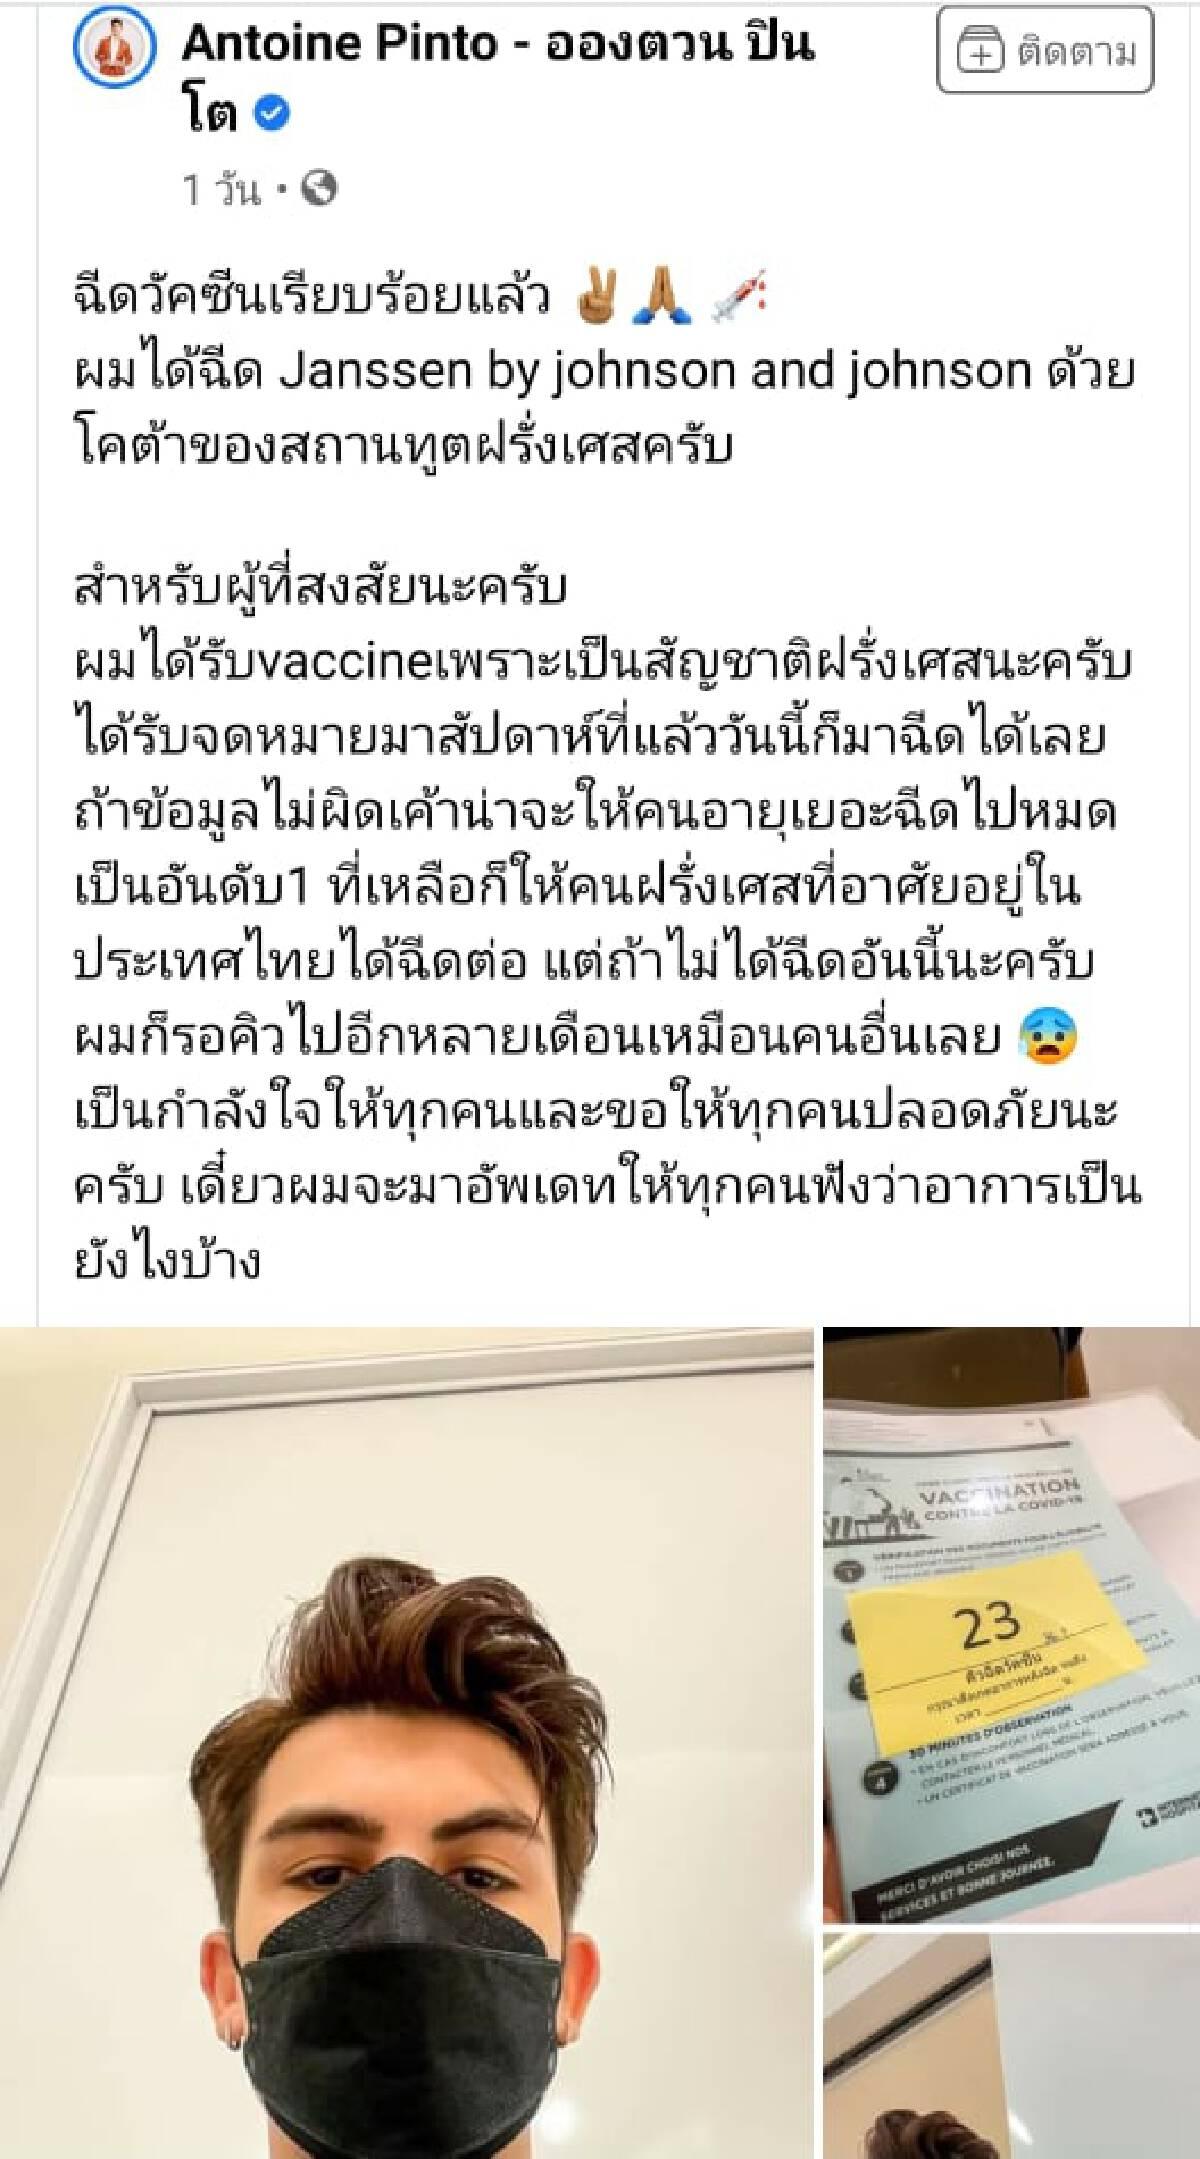 """""""อองตวน"""" โชว์รีวิวฉีดวัคซีน ระบุได้โควต้าสถานทูตฝรั่งเศสในไทย"""